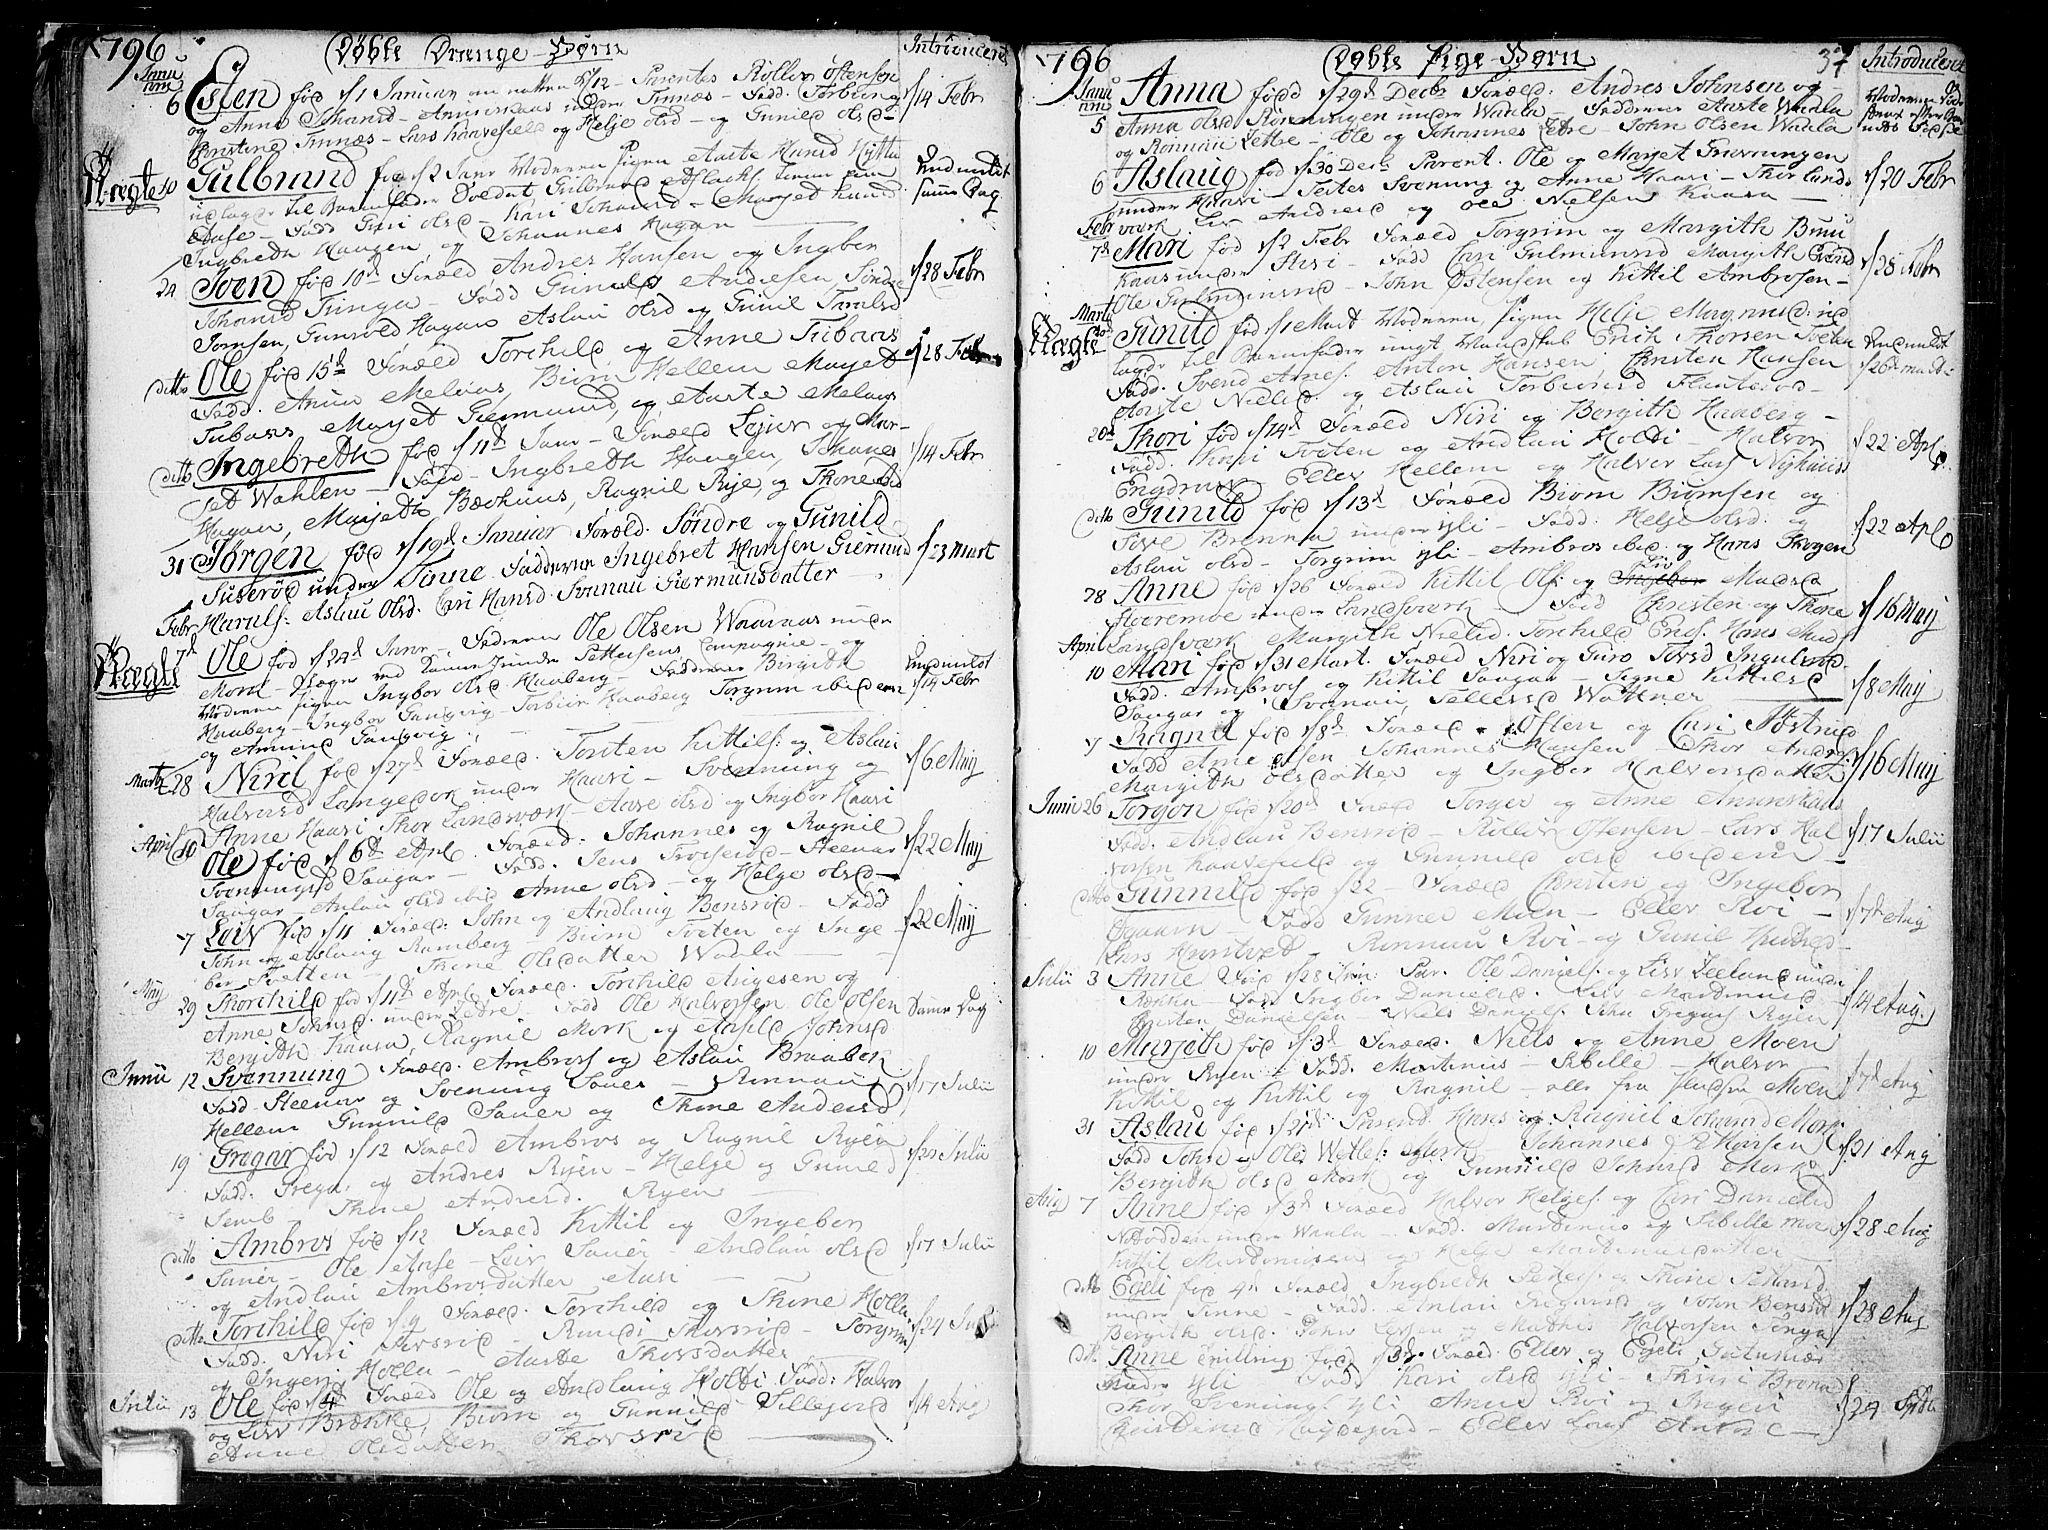 SAKO, Heddal kirkebøker, F/Fa/L0004: Ministerialbok nr. I 4, 1784-1814, s. 37